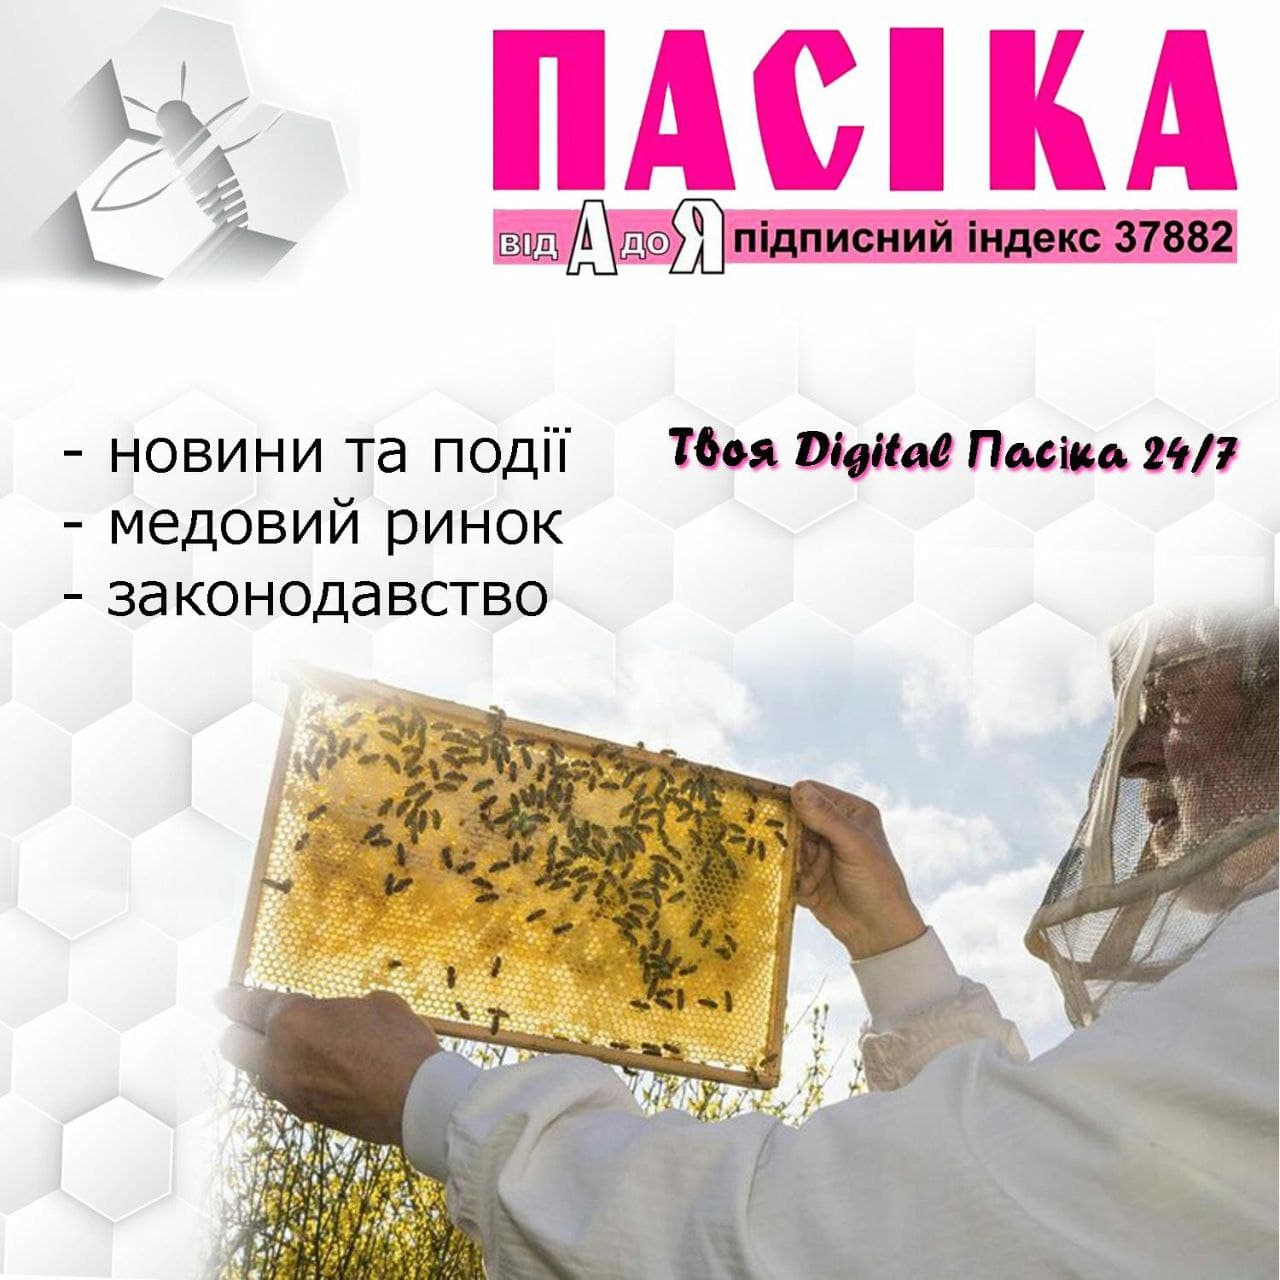 Газета Пасіка від А до Я, інформація для бджоляра, газета по бджільництву, бджільництво газета, журнали бджільництво, пасіка газета, пасіка журнал,